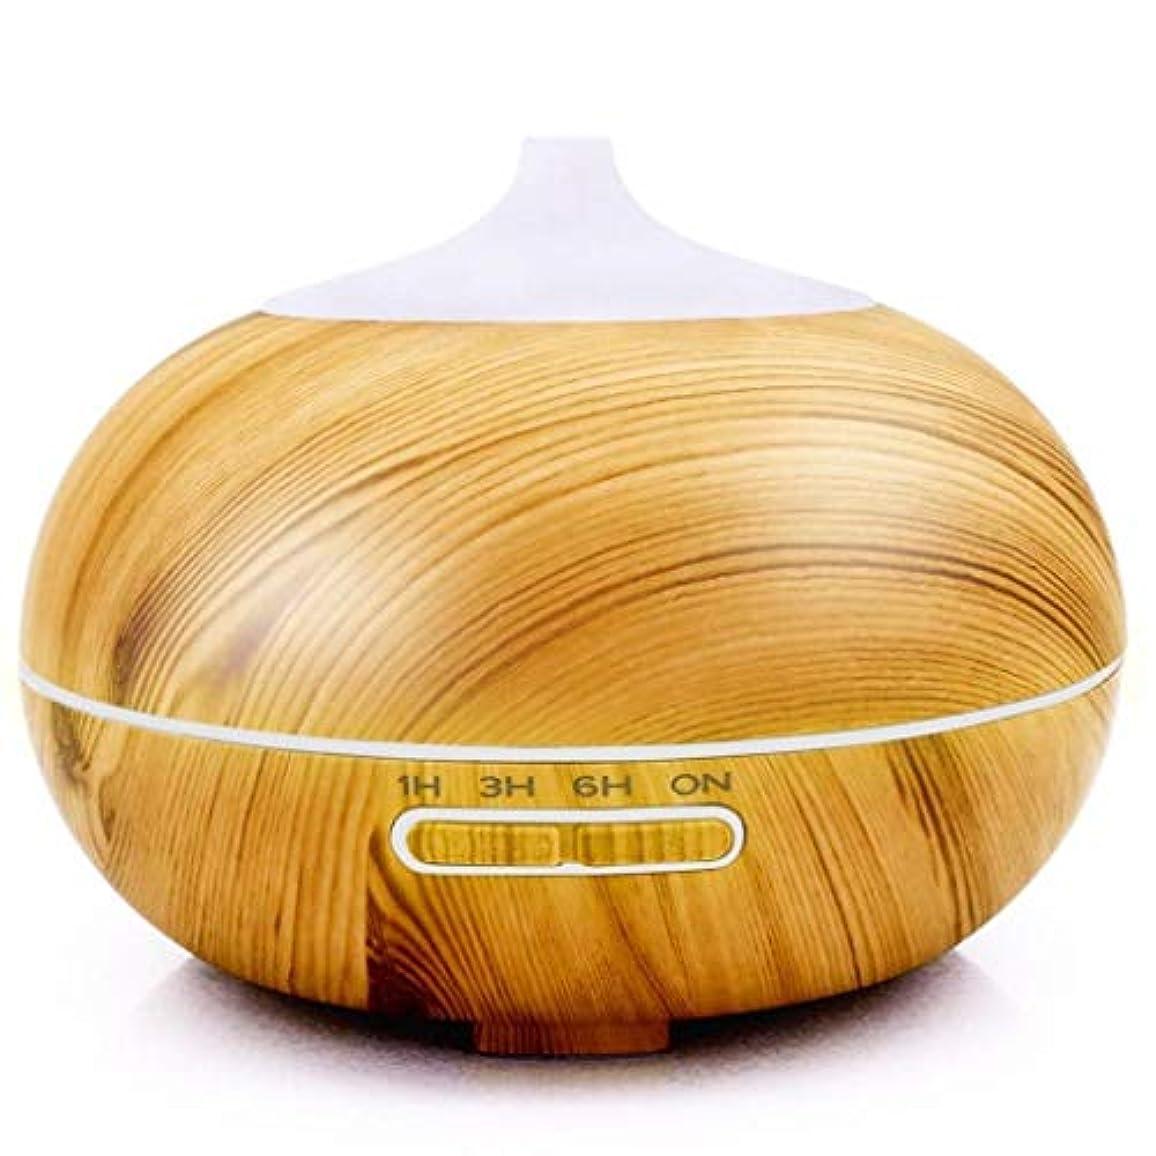 苗靄ばかげている300ミリリットルエッセンシャルオイルディフューザーアロマディフューザー木材穀物アロマディフューザーで7色ledライトウォーターレス自動シャットオフ用ホームオフィスヨガ (Color : Light Wood Grain)